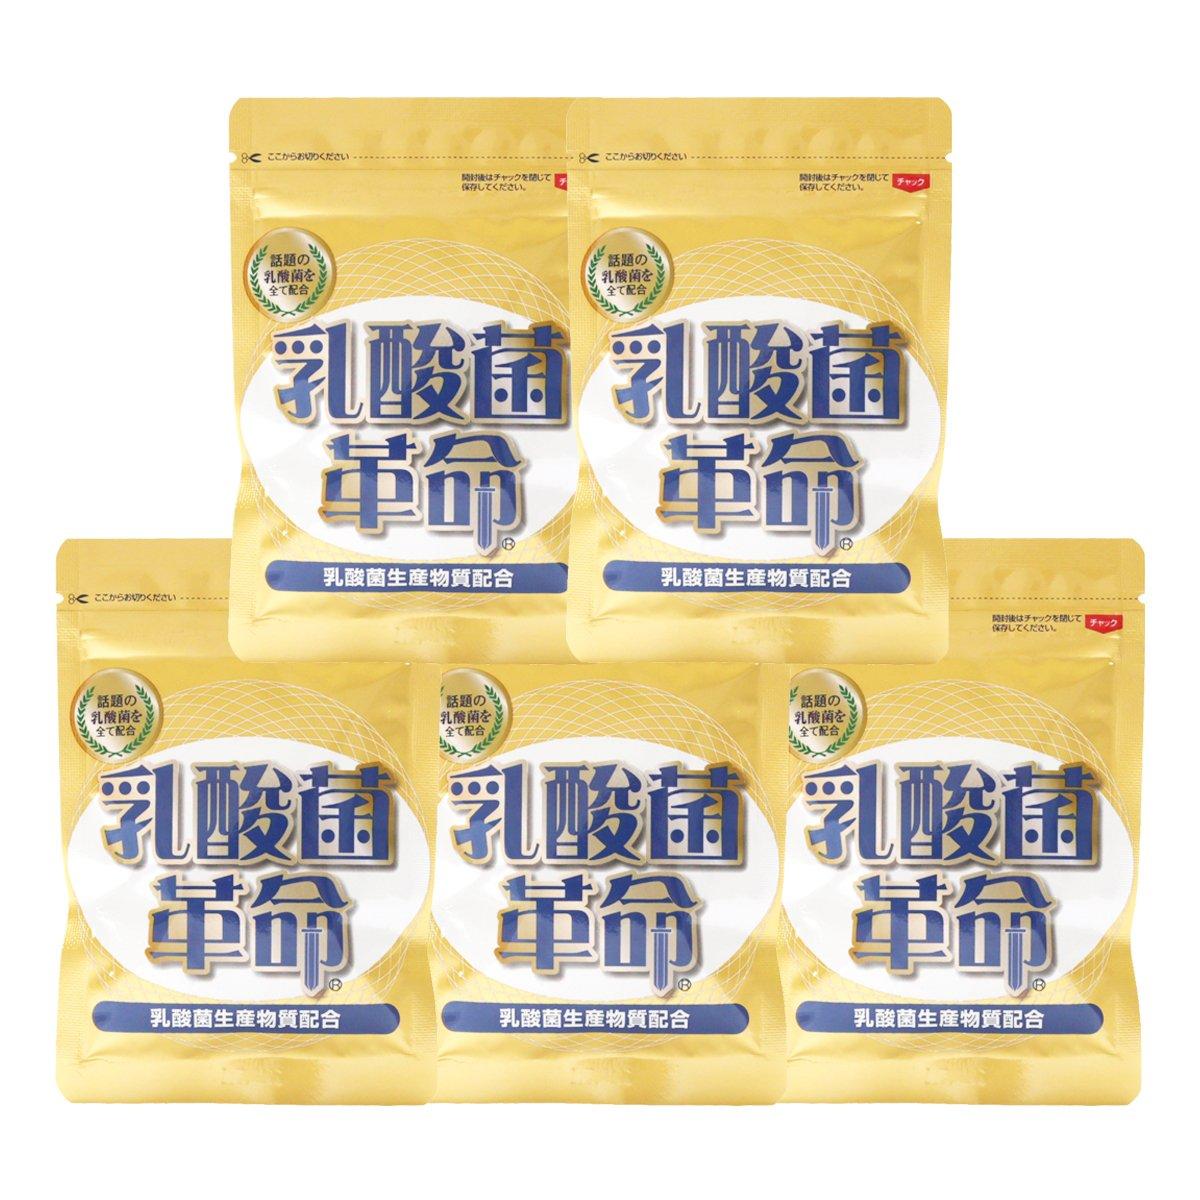 健康いきいき倶楽部 乳酸菌革命 5袋セット (62粒入×5袋) 乳酸菌 サプリ B072N4KFG9   5袋